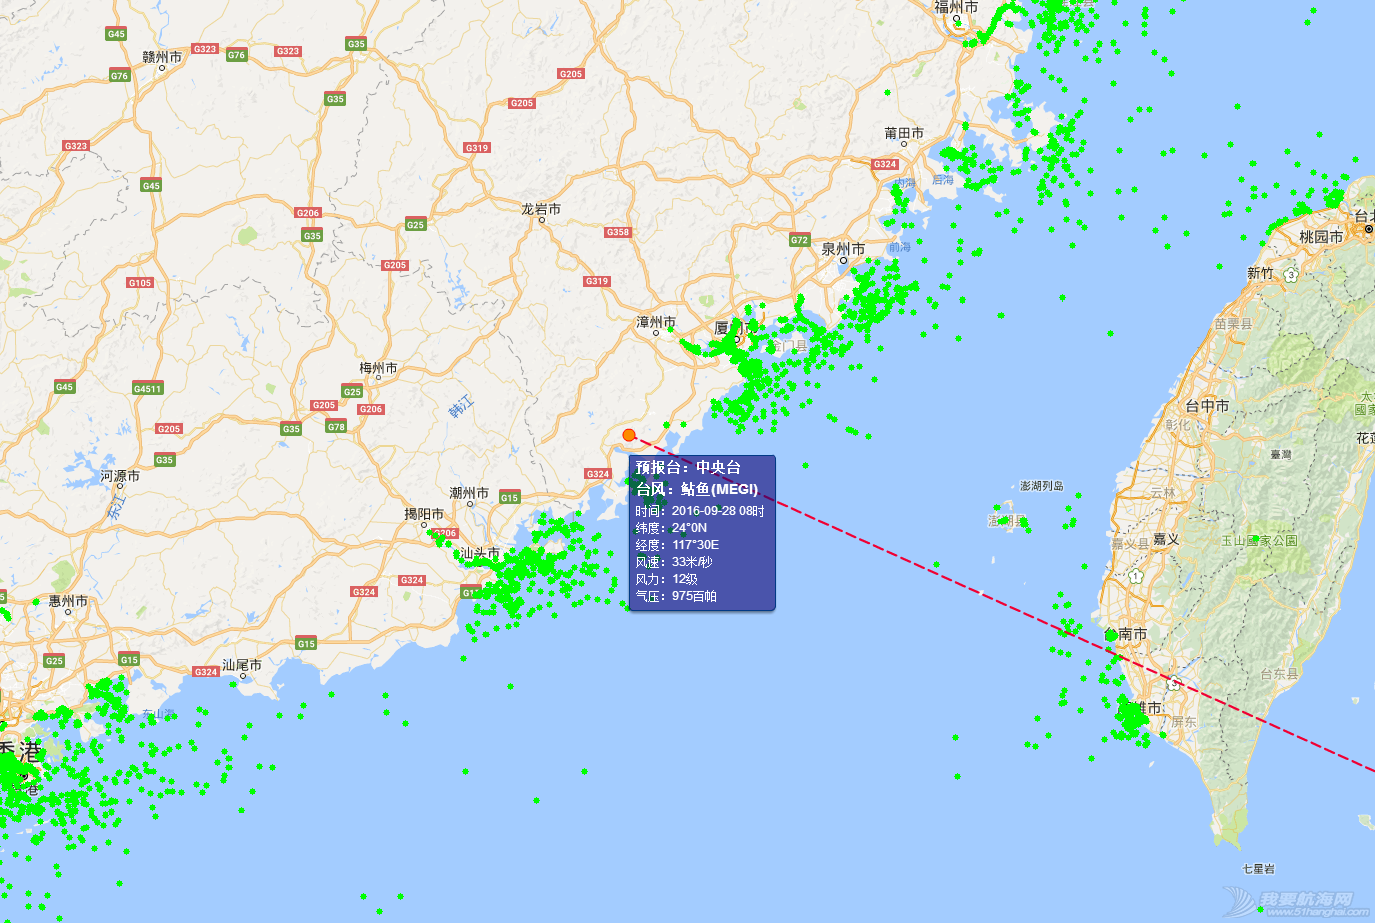 台湾,台风,气象,鲇鱼,MEGI 台风鲇鱼28日将越过台湾登陆大陆 鲇鱼